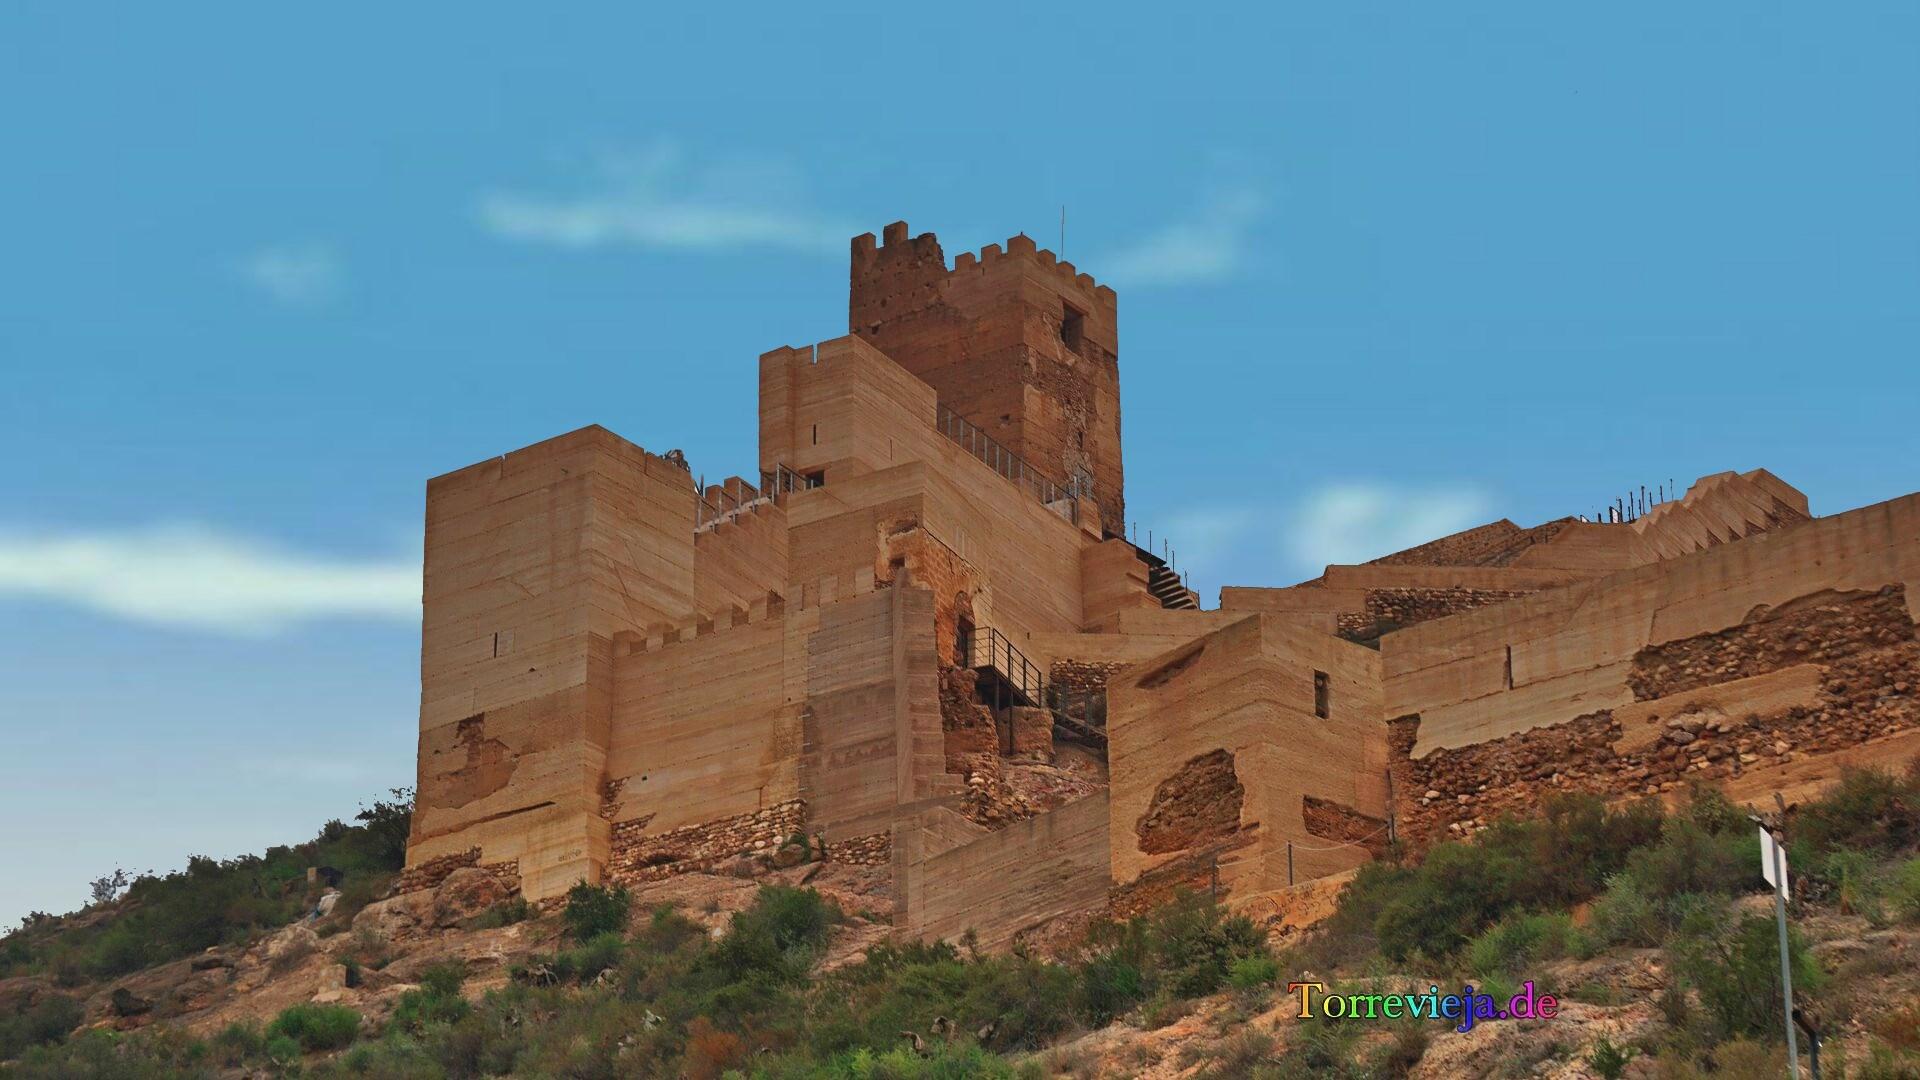 """Photo Gallery of the Castle """"Castillo de Alhama"""" in Murcia."""